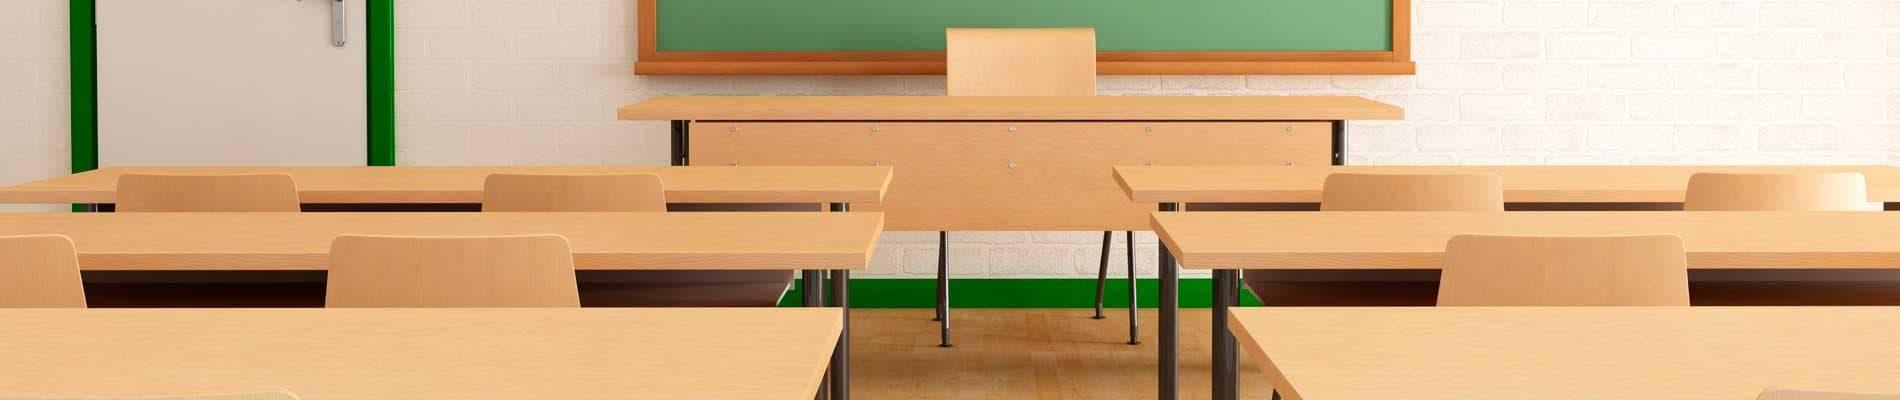 Dirección de centros educativos